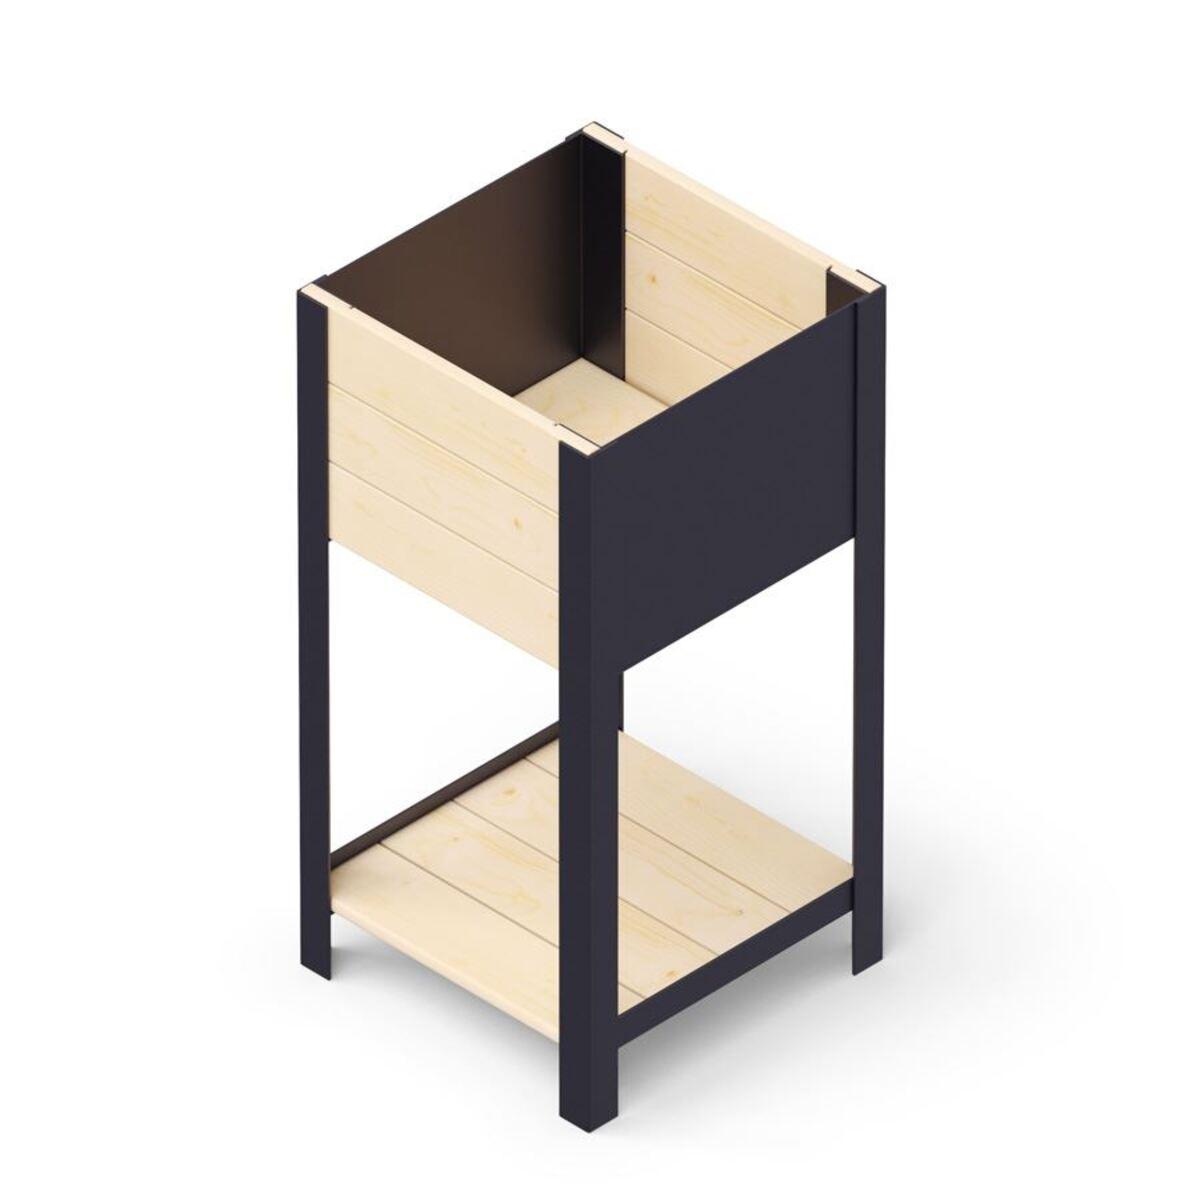 Bild 2 von Blumenkübel Modern-Box High 36x72x36cm